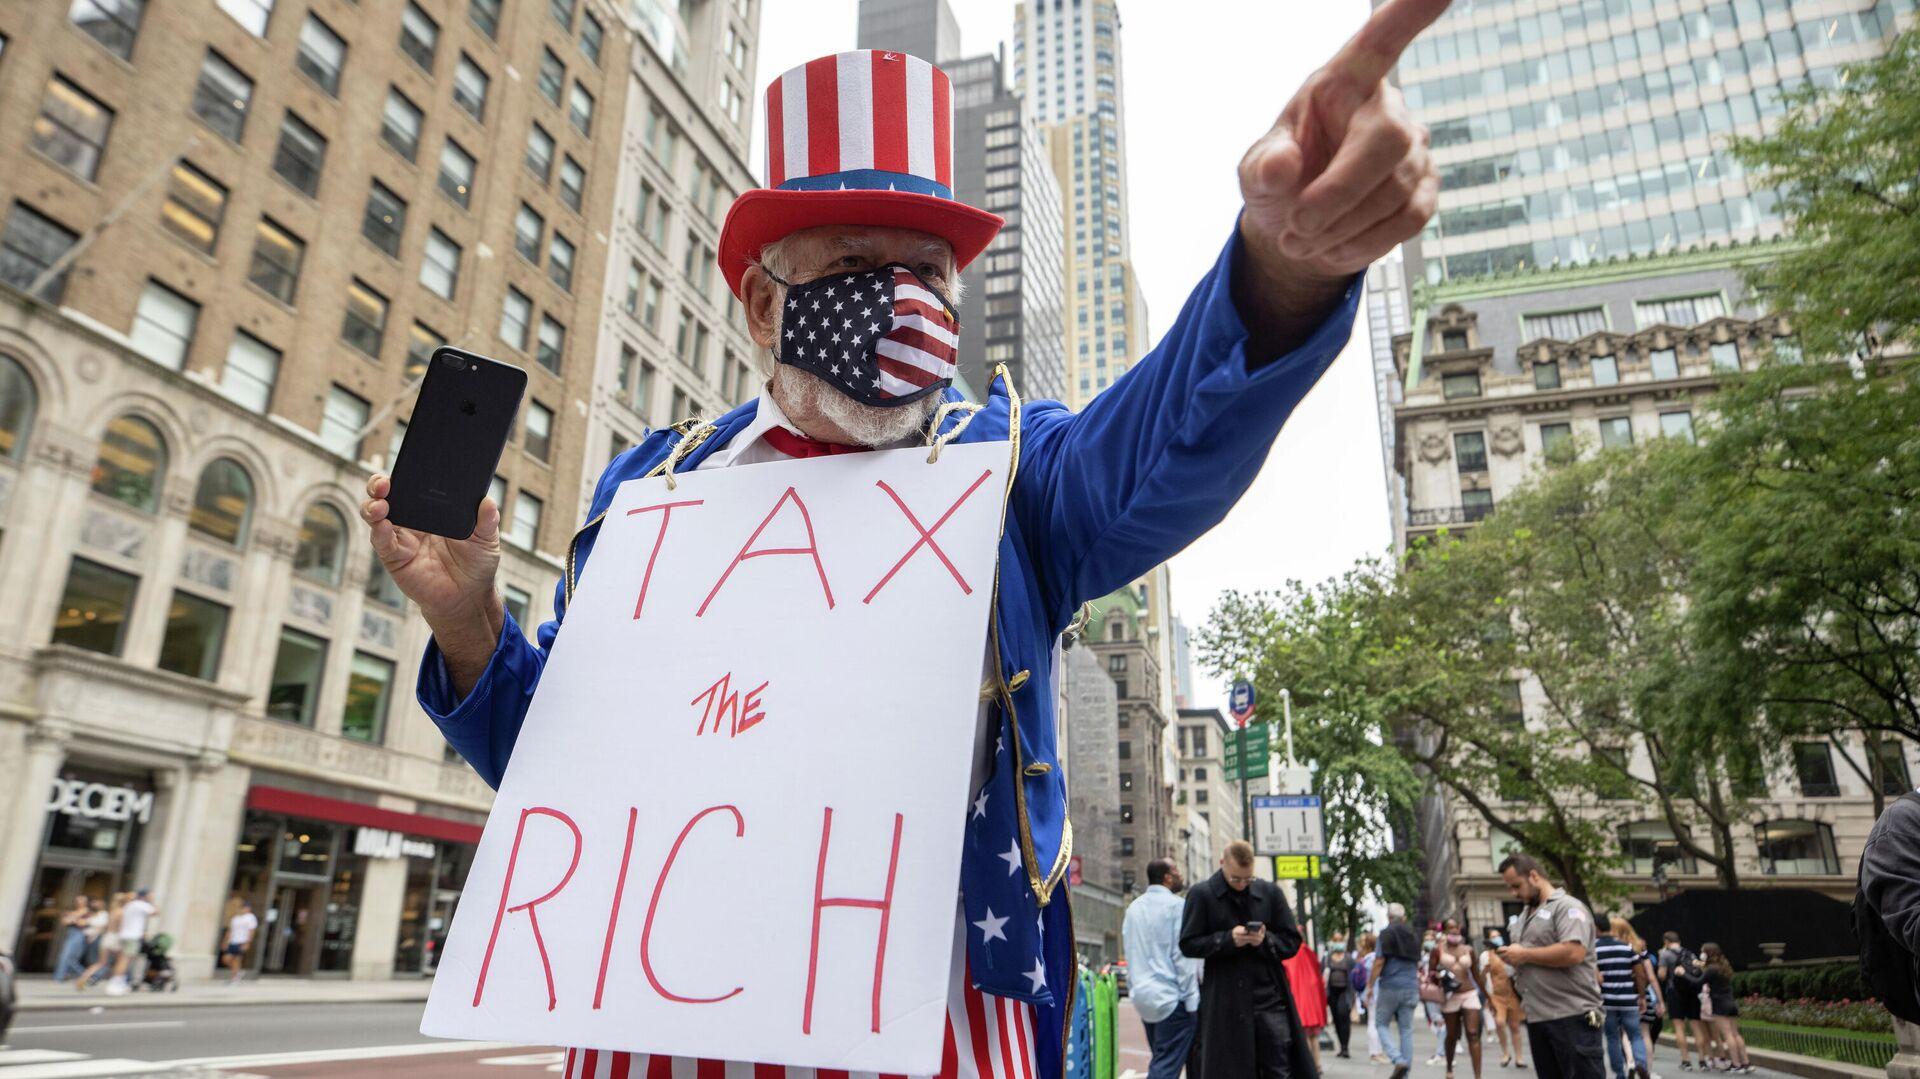 Un hombre protestando en Nueva York, EEUU - Sputnik Mundo, 1920, 20.09.2021